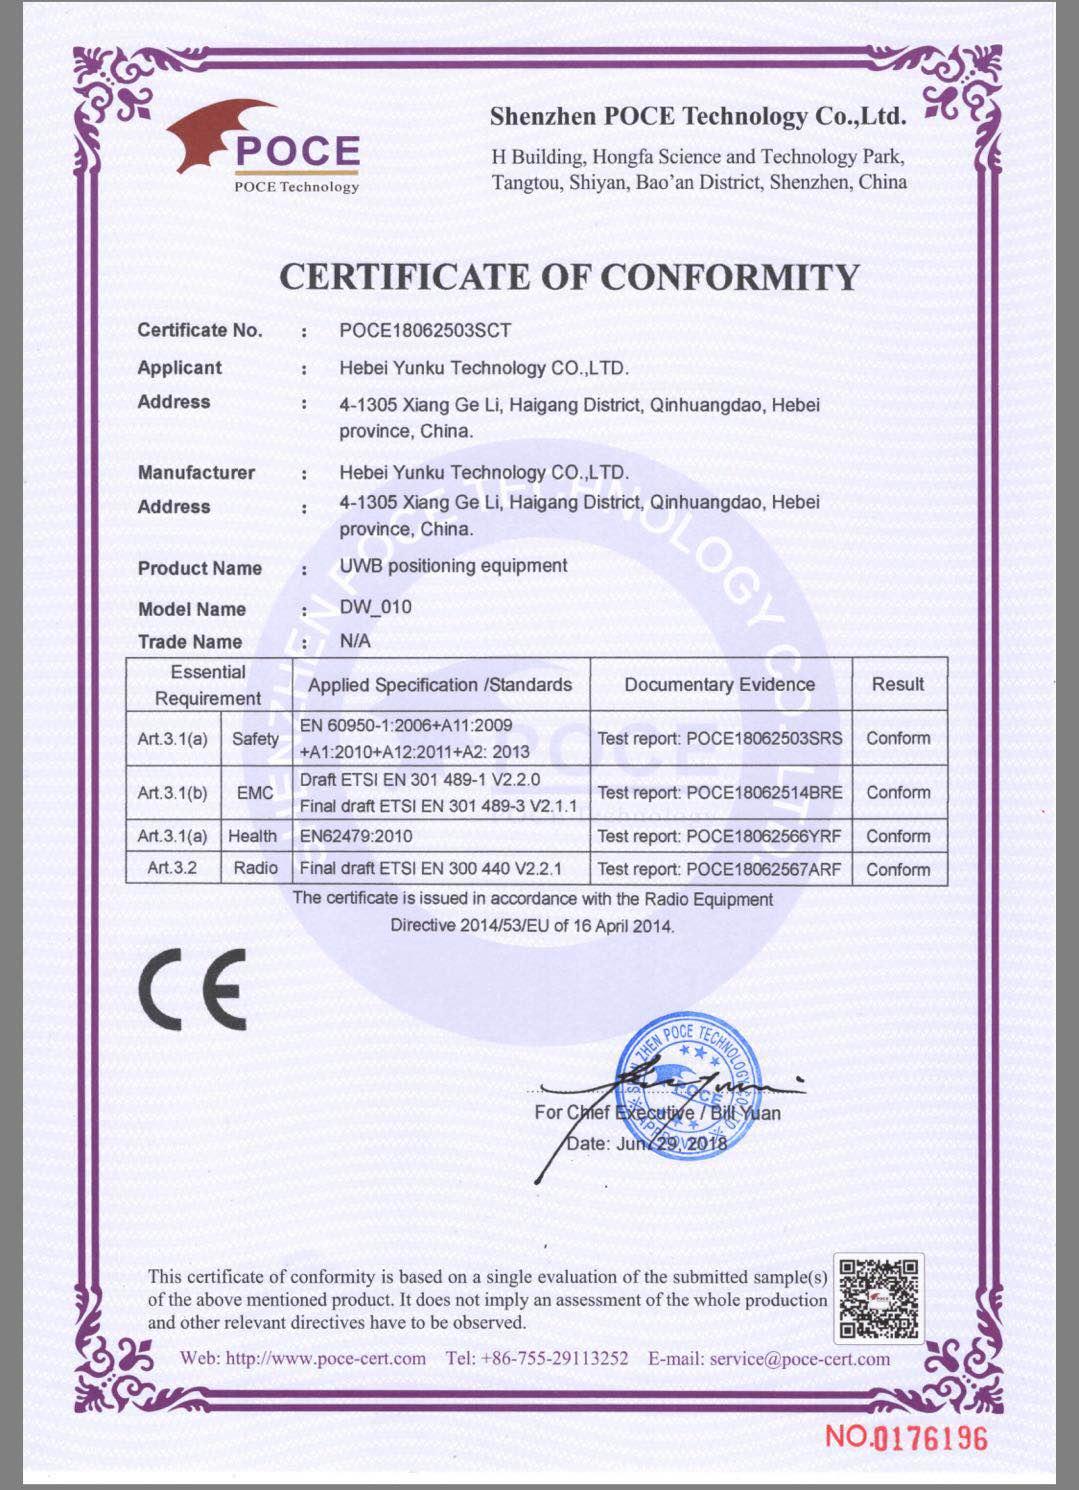 河北云酷科技有限公司的欧盟CE认证.jpg